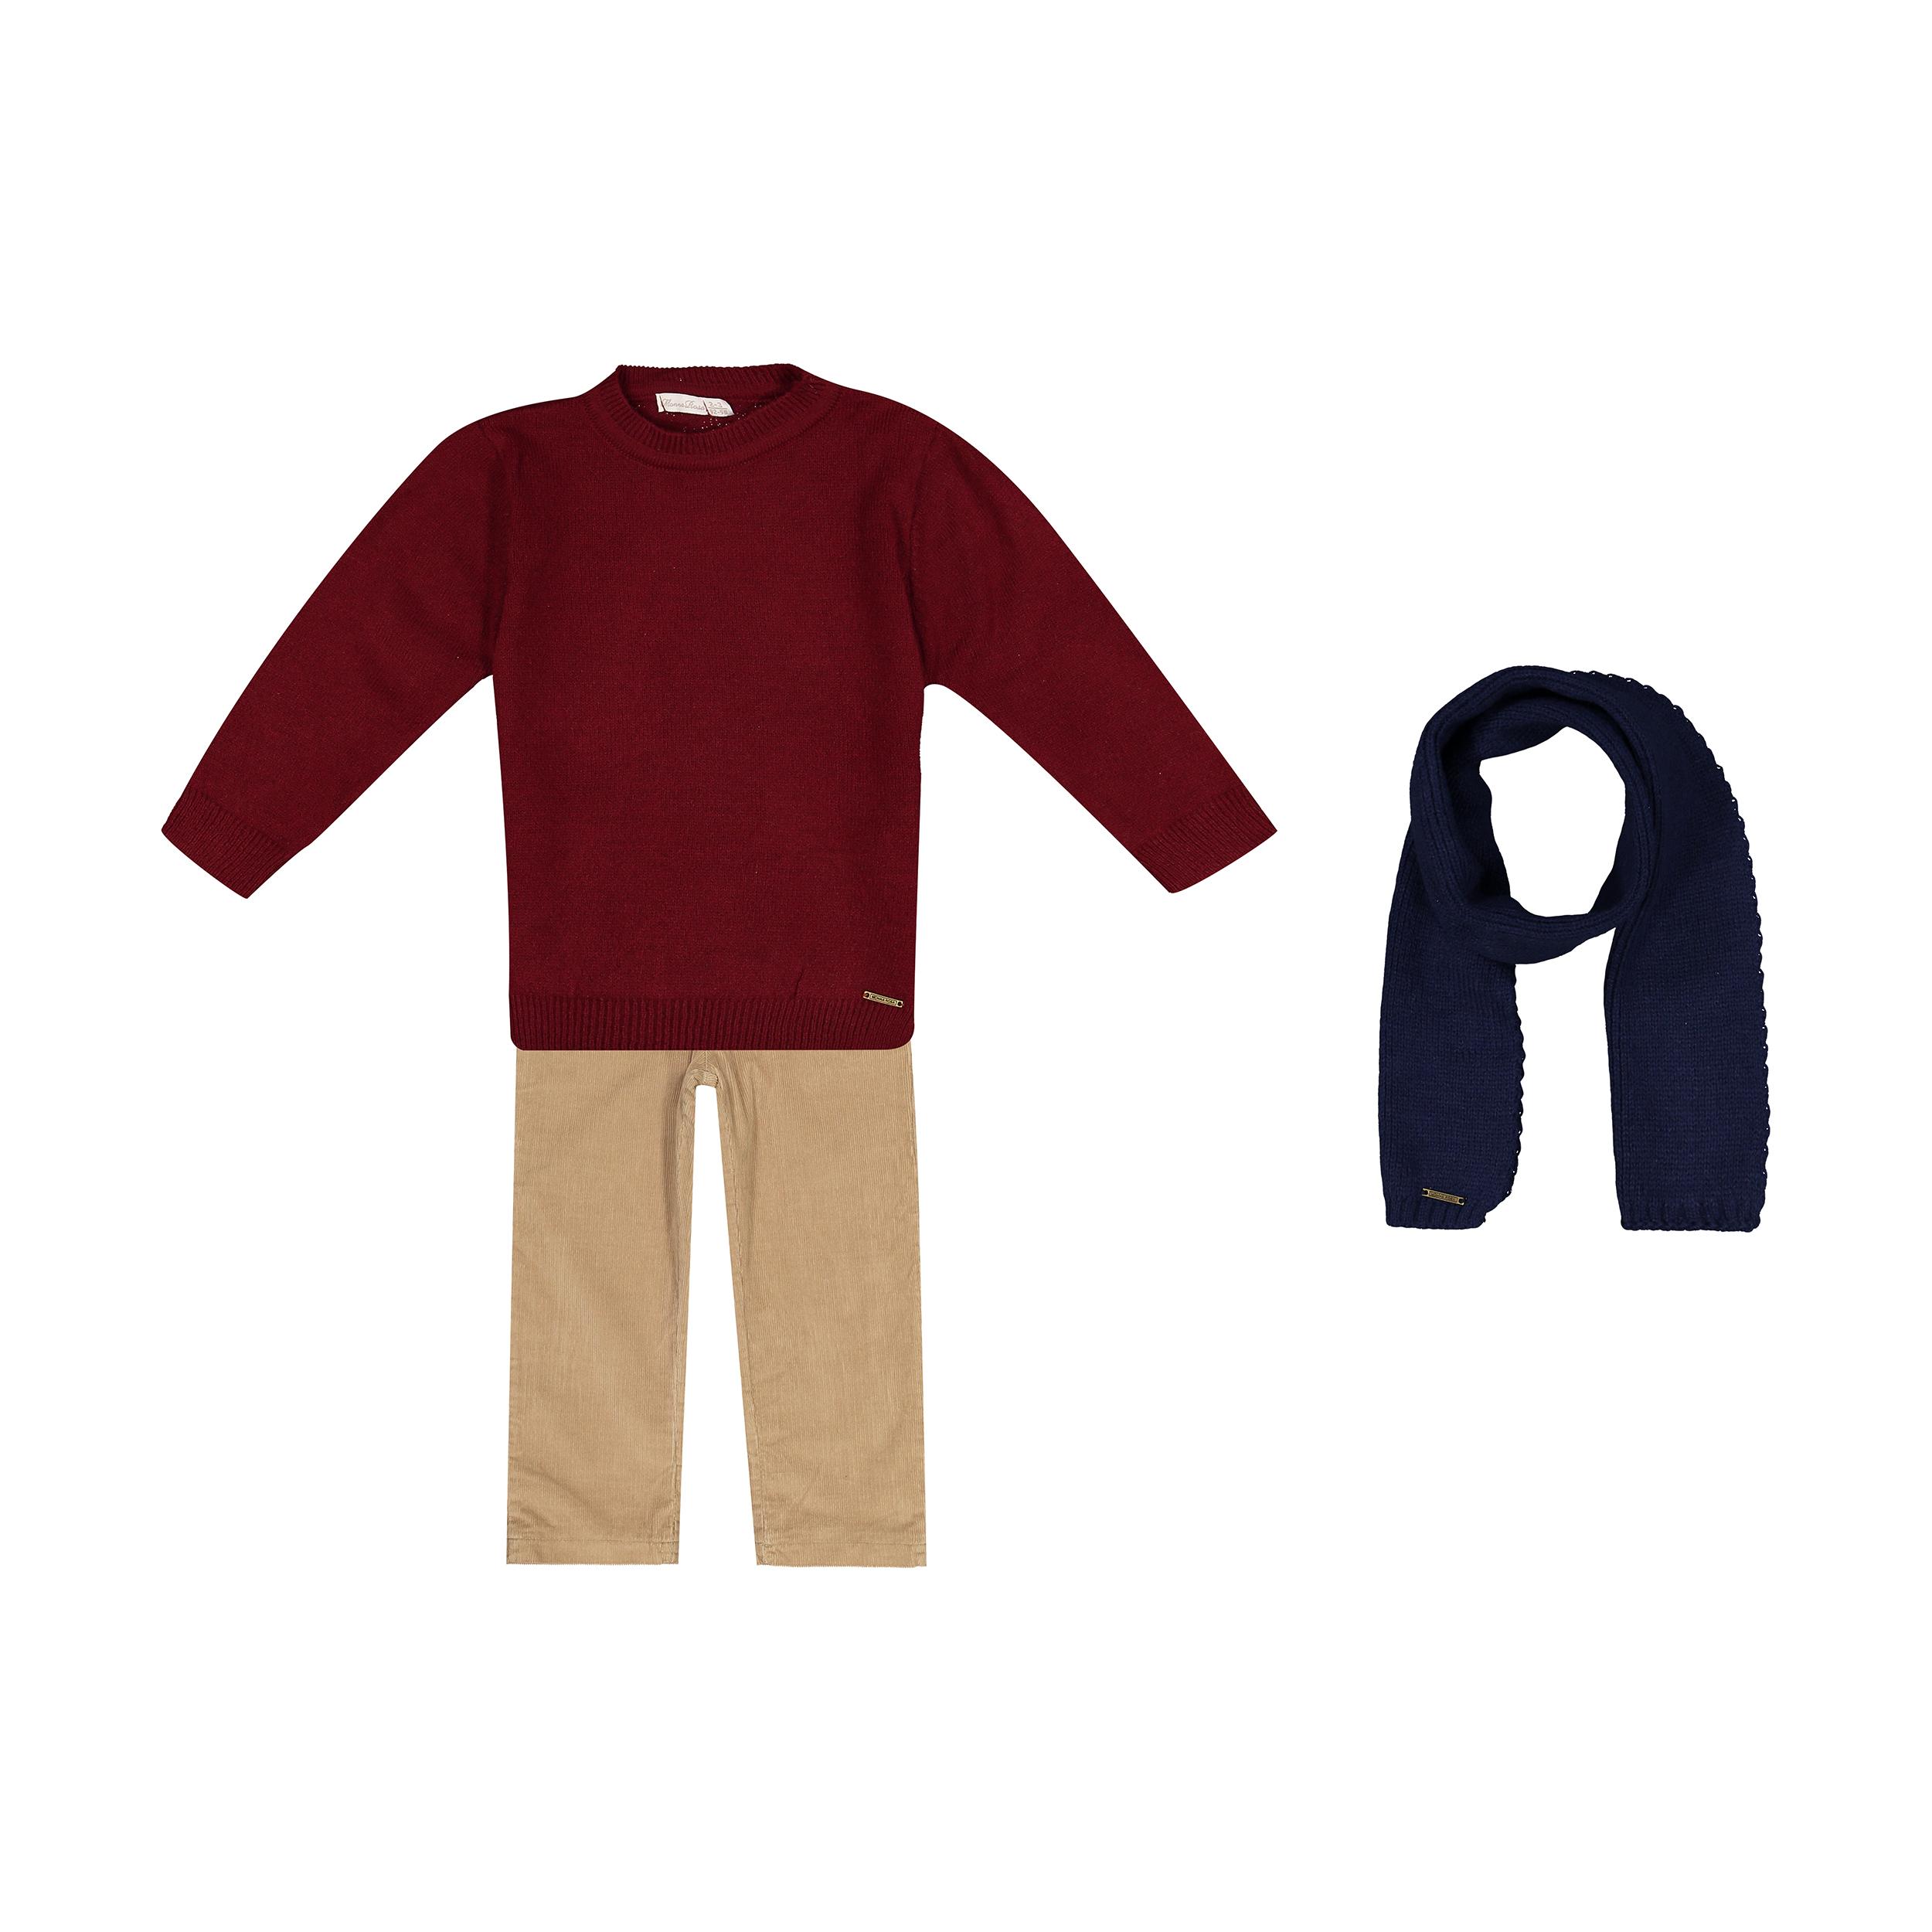 ست 3 تکه لباس پسرانه مونا رزا مدل 2141281-70